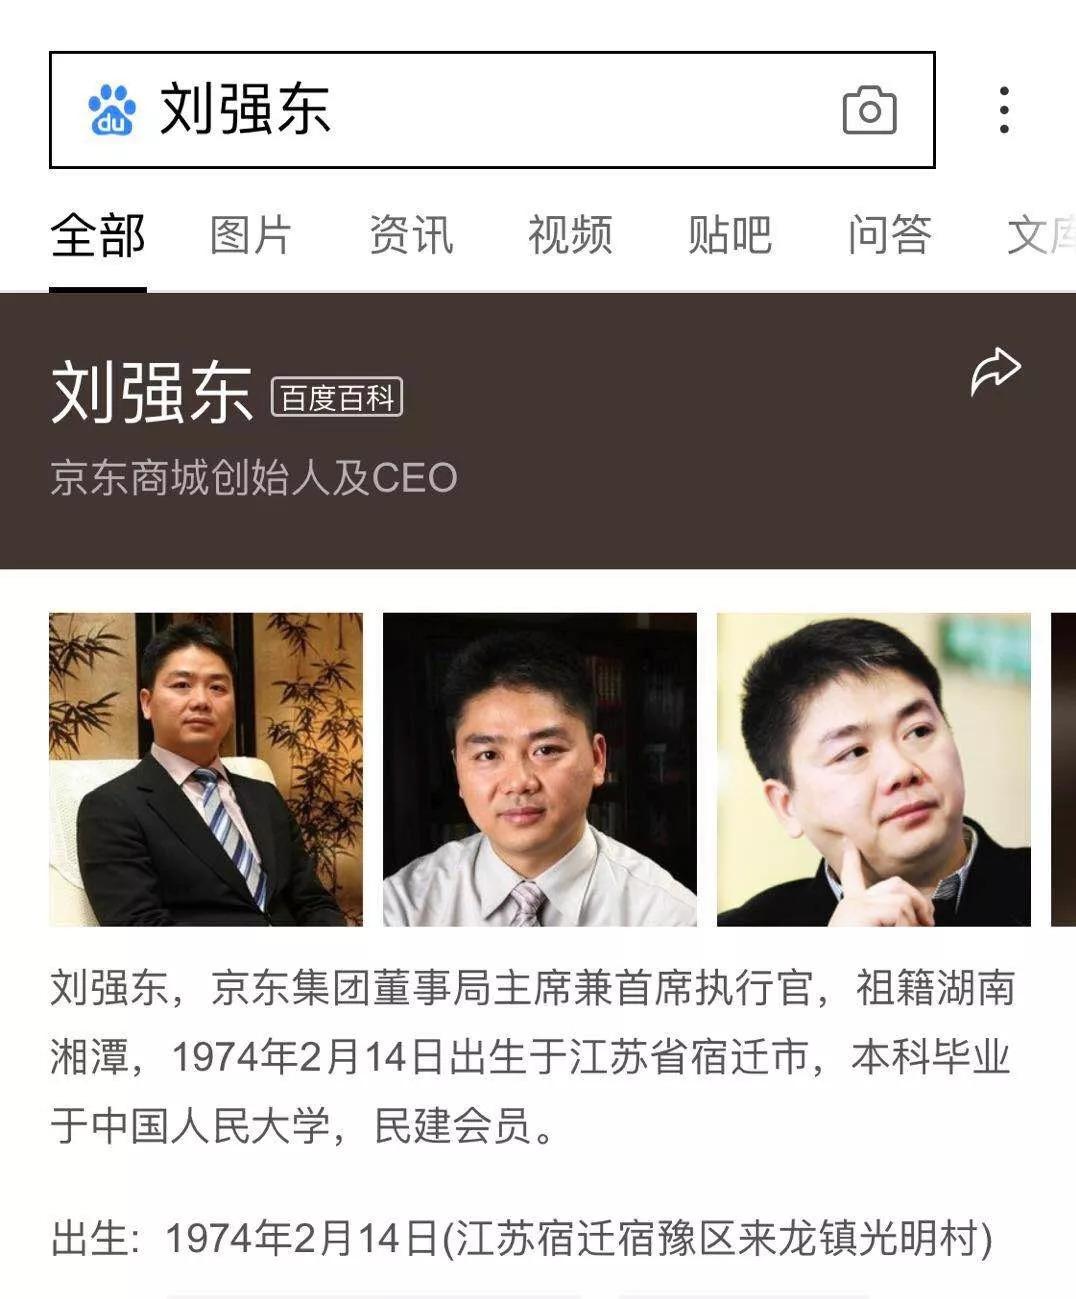 传刘强东涉嫌性侵在美被捕 京东:遭失实指控(图)